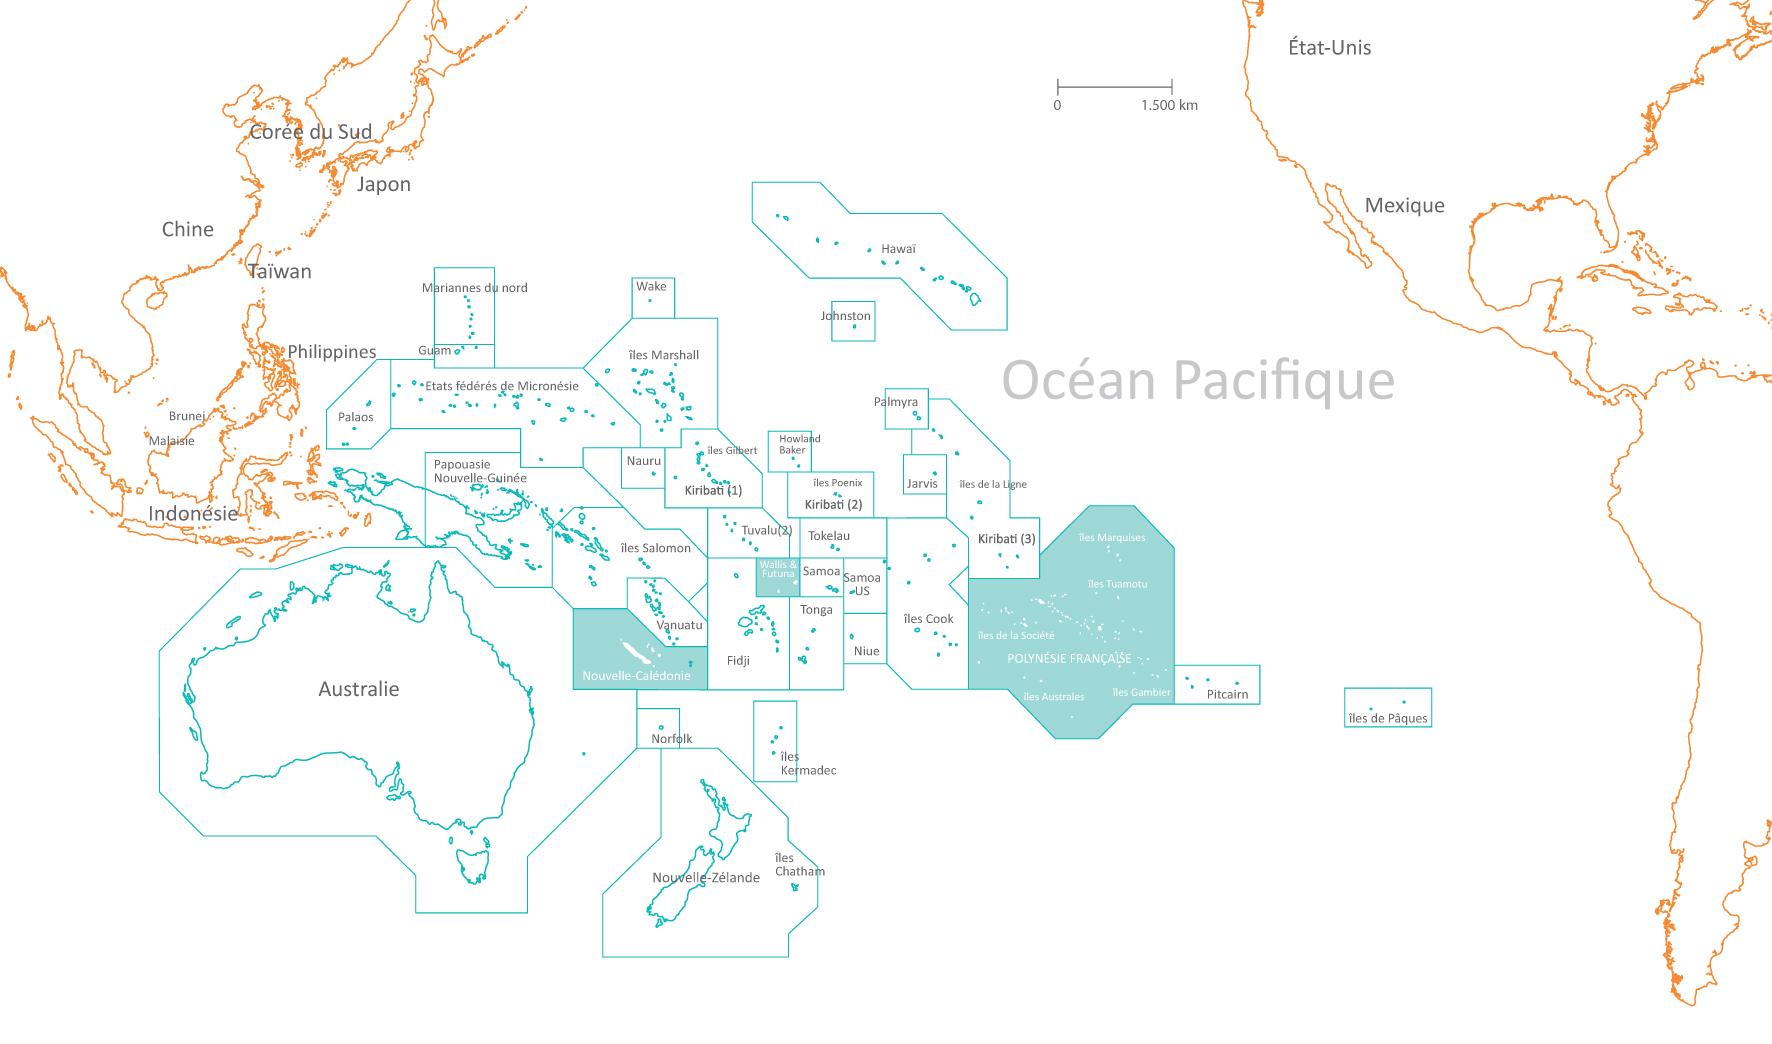 La Nouvelle-Calédonie, Wallis et Futuna, la Polynésie française : ces trois minuscules territoires français au milieu du Pacifique ont la particularité de représenter 62% de la ZEE française. La région dispose de ressources naturelles exceptionnelles, qui constituent pour certaines d'entre elles, la base des technologies de demain.